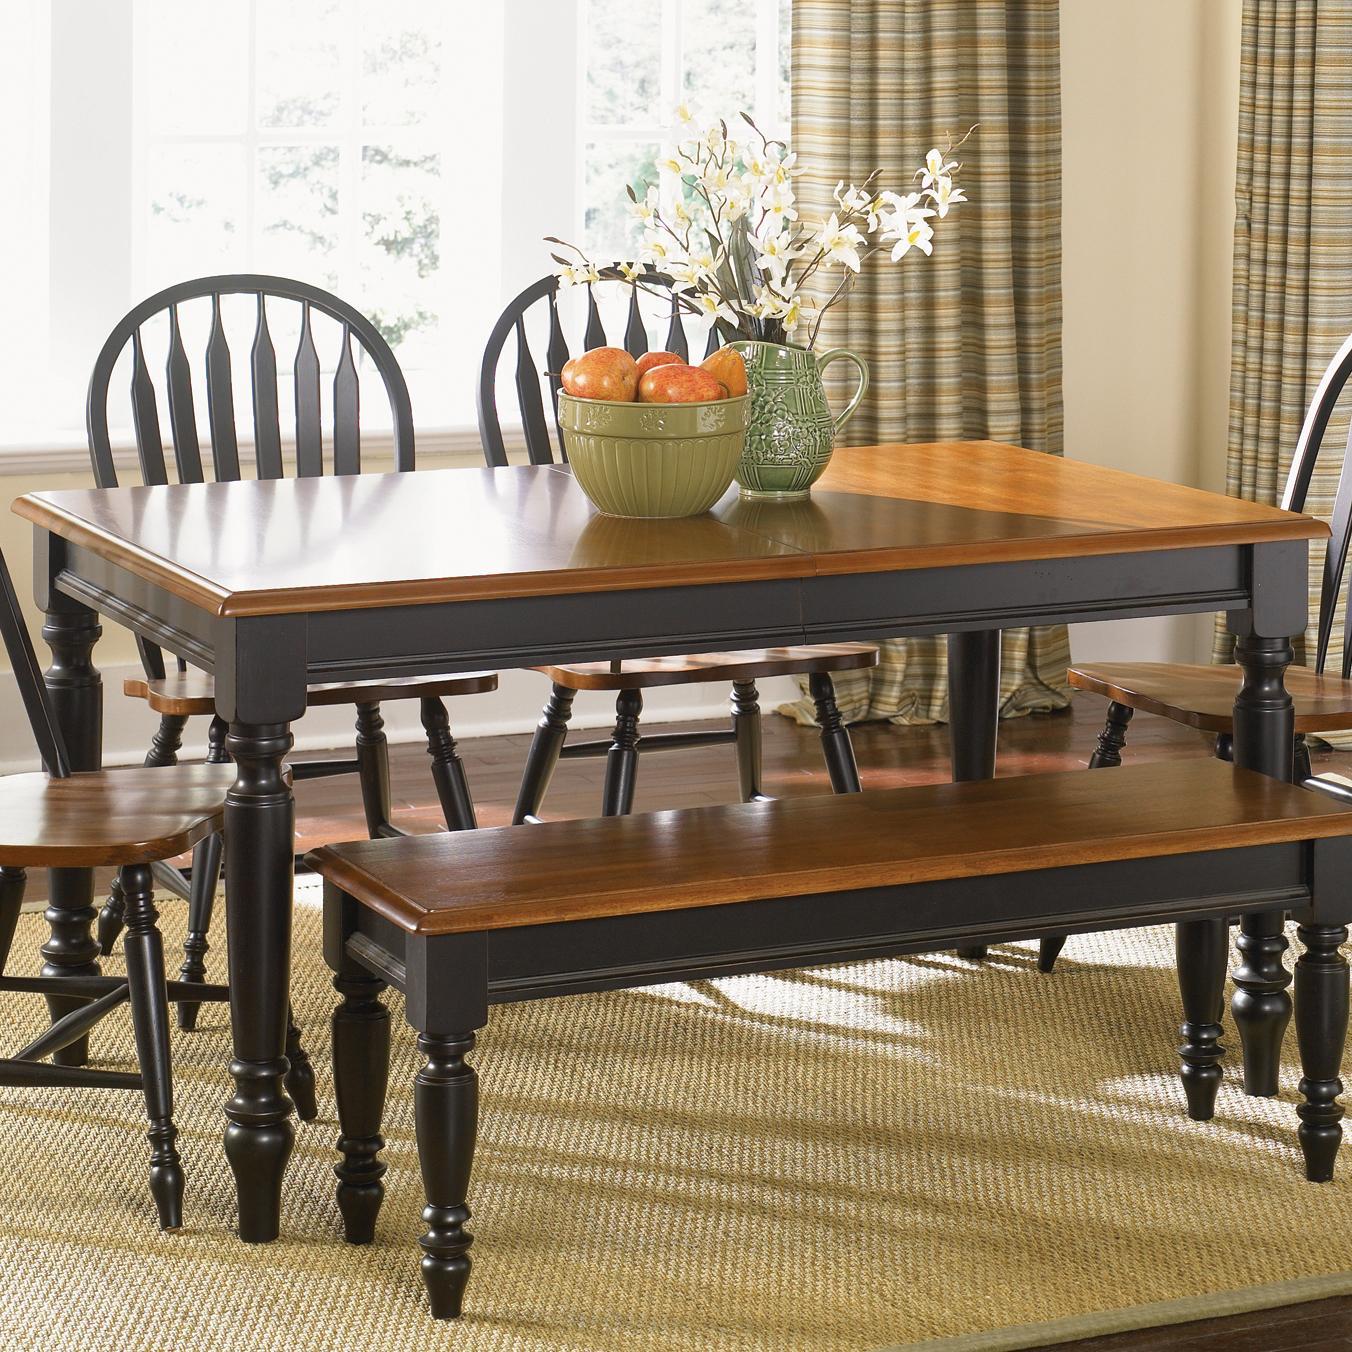 Liberty Furniture Low CountryRectangular Dining Table ...